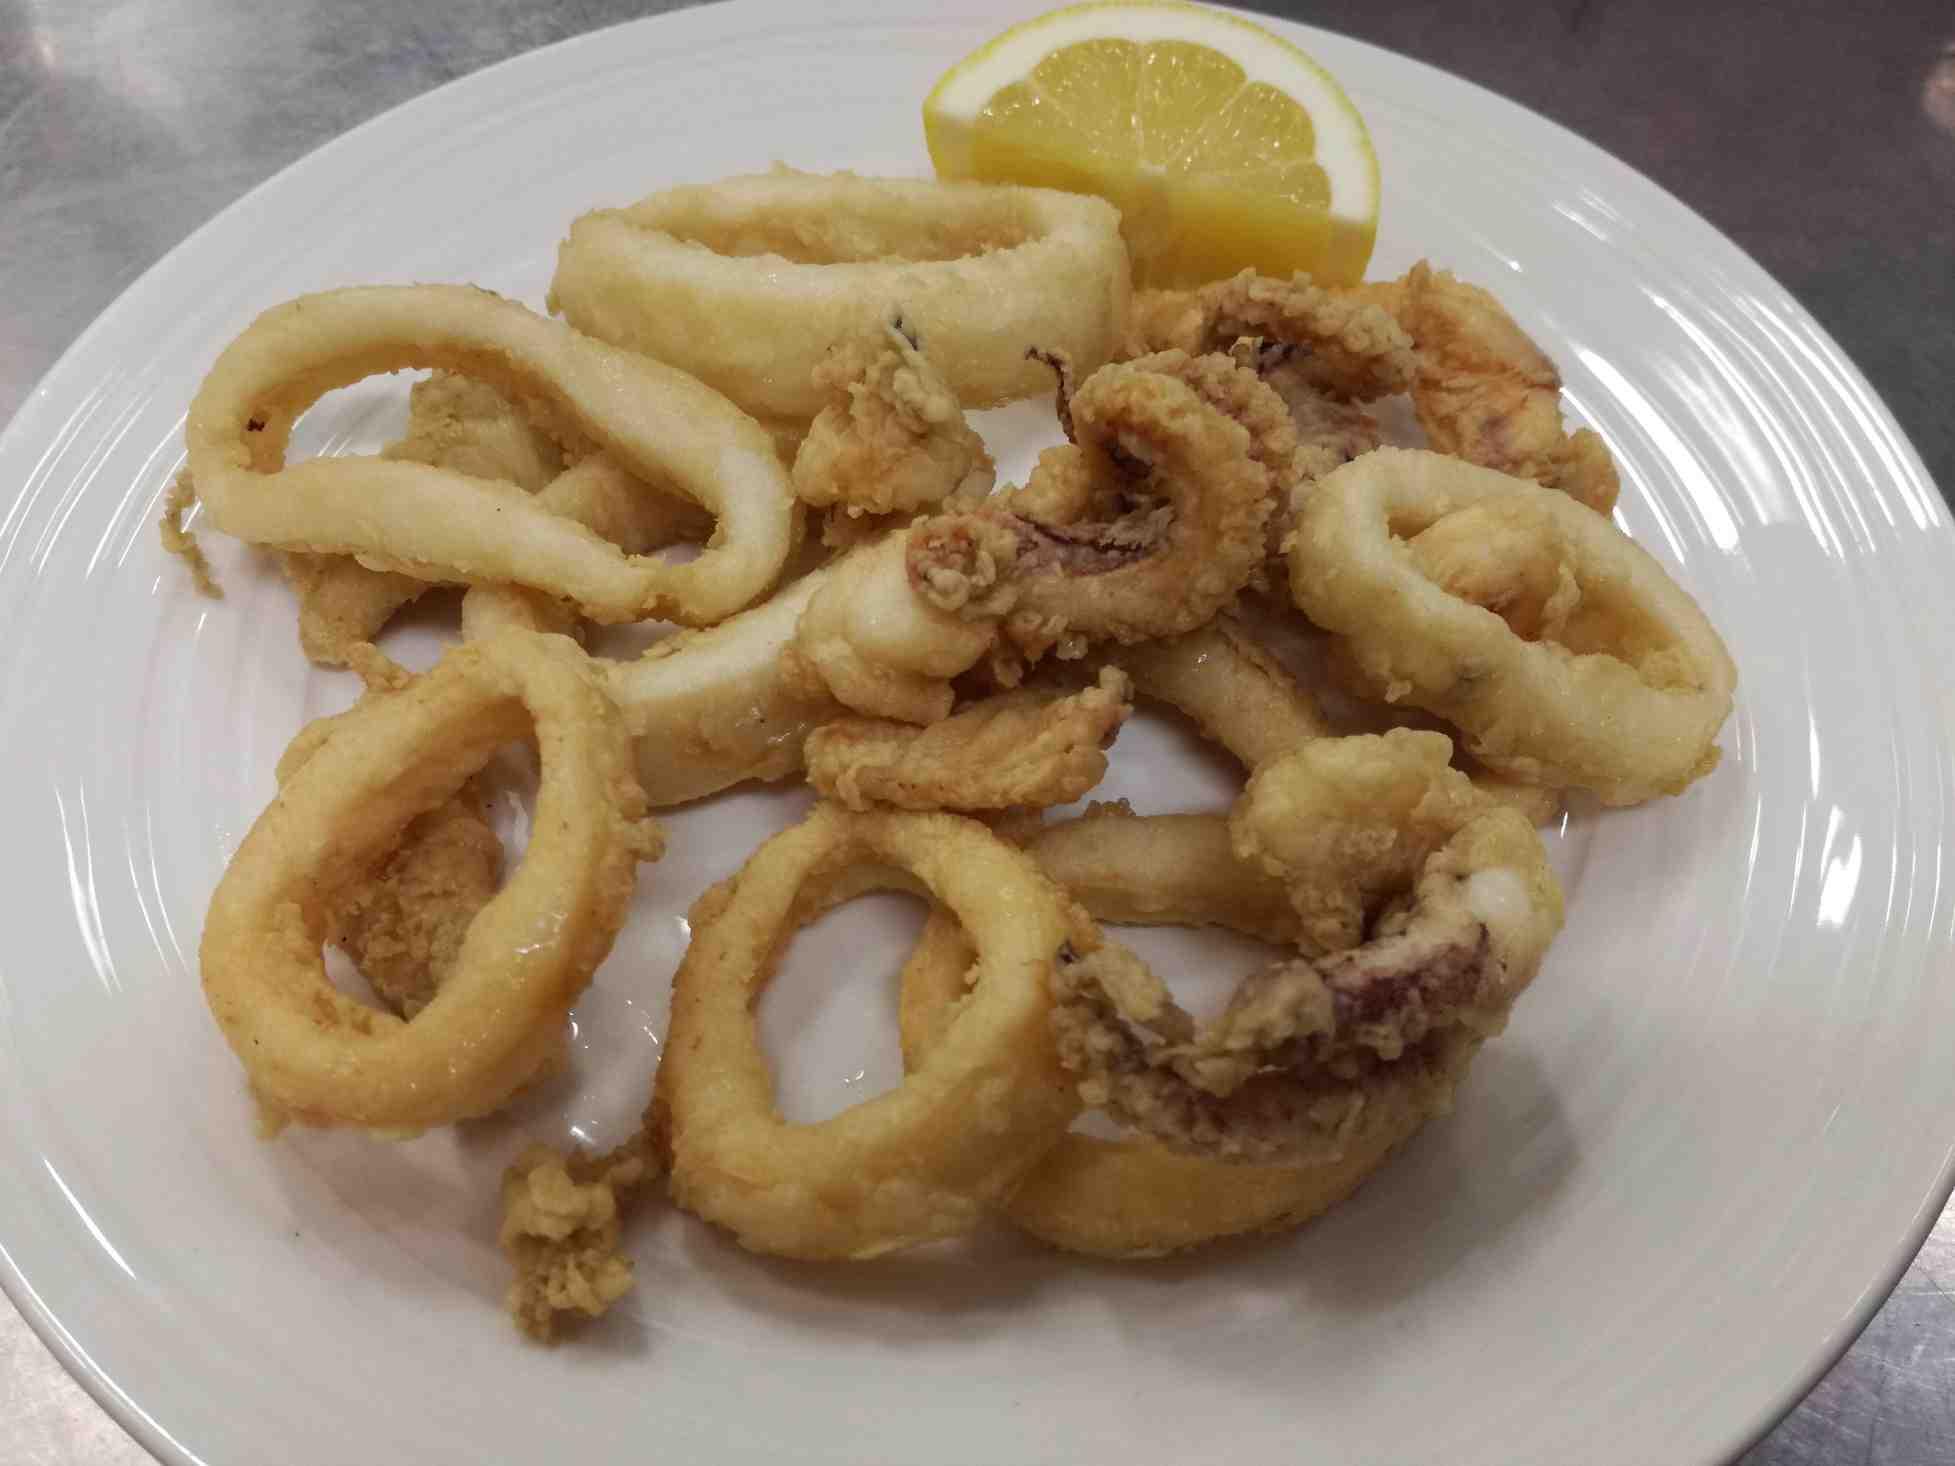 restaurante-marisqueria-valencia-islas-canarias-puerto-ciudad-artes-ciencias-calamares